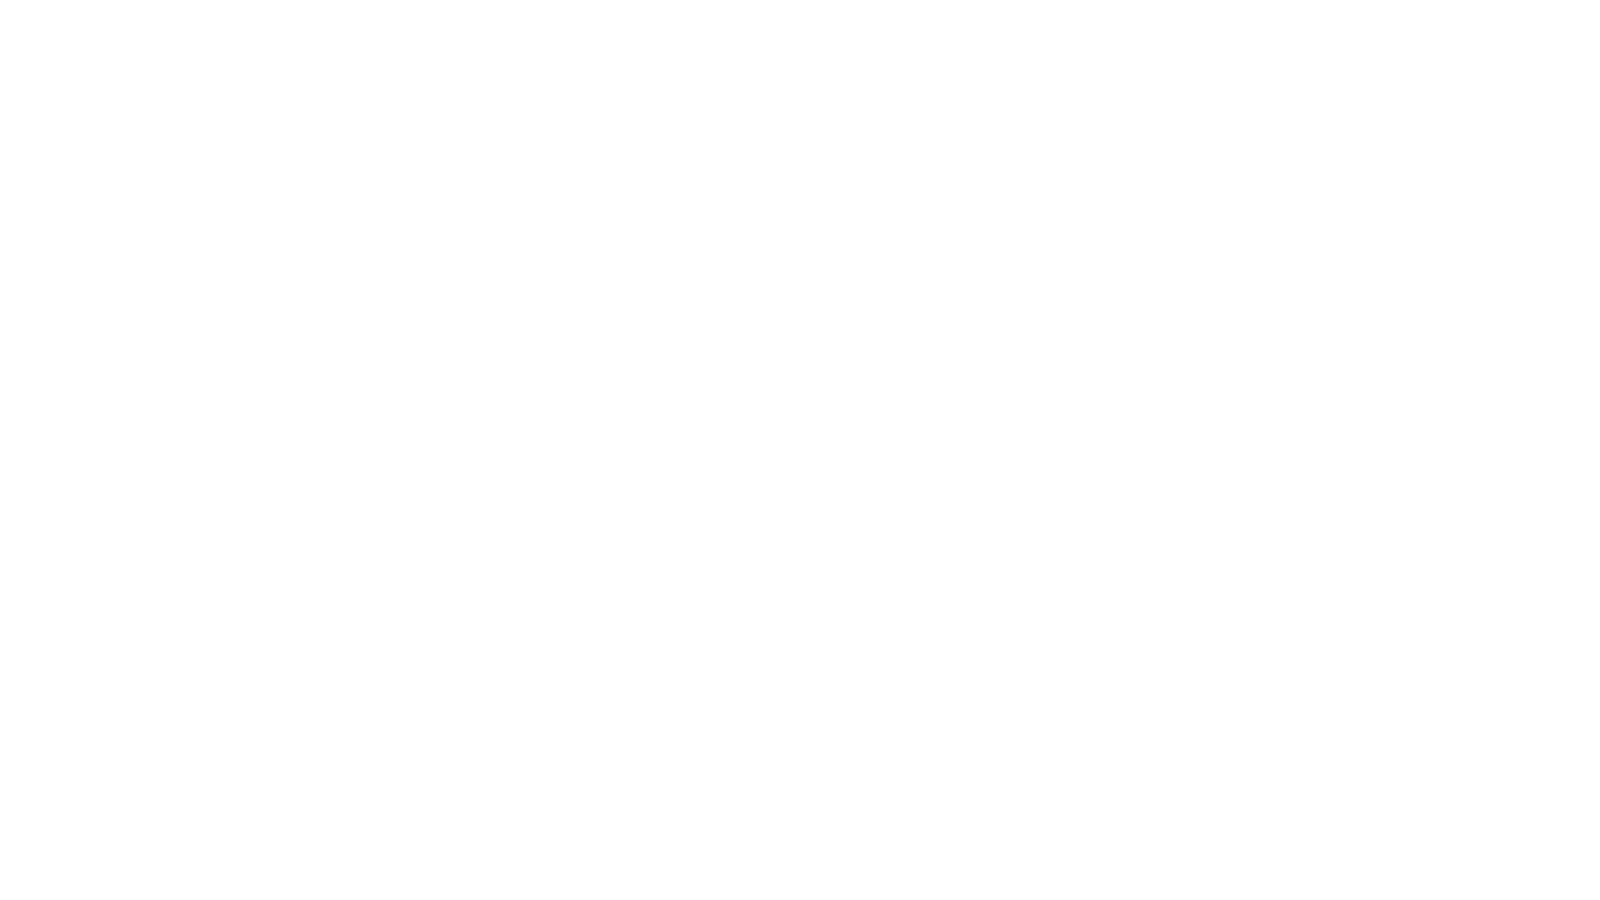 PANZANELLA… MAI BUTTARE IL PANE SECCOOOO!  Ecco un buon modo per come poterlo usare e creare una bella insalata estiva fresca, saporita e molto veloce da fare.  A seconda di quanto sia secco il pane, potete decidere di tagliarlo a cubetti (come ho fatto nel video) oppure lasciarlo intero a mollo in acqua e aceto e poi strizzarlo e sbriciolarlo all'interno della ciotola dove poi lo condirete.  Ingredienti per 4 persone - 300 gr pane raffermo (meglio di tipo toscano) - 150 gr pomodorini - 1 cipollotto - 1 cetriolo - 20 gr olive taggiasche in salamoia - 1/2 cucchiaio aceto di vino bianco - basilico fresco - olio extravergine di oliva - sale Procedimento * Tagliate il pane a pezzetti di circa 4 cm, metteteli in una ciotola, bagnateli in modo omogeneo con un bicchiere di acqua e aceto e lasciate da parte * Pulite e lavate il cipollotto, tagliatelo a fettine sottili e mettetelo a mollo in una ciotola con acqua e ghiaccio (o acqua molto fredda). In questo modo sarà più leggera e bella croccante * Lavate i pomodorini e i cetrioli e tagliate tuttoa dadini * Appena il pane si sarà ammorbidito, iniziate a sbriciolarlo grossolanamente con le mani all'interno di una ciotola. Aggiungete quindi il pomodoro, i cetrioli, il cipollotto scolato e asciugato leggermente e le olive sciacquate * Mescolate e condite con un pizzico di sale, il basilico spezzettato e un filo di olio extravergine di oliva  Seguimi su Instagram www.instagram.com/TheBluebirdKitchen   O scopri altre ricette sul mio blog www.TheBluebirdKitchen.com